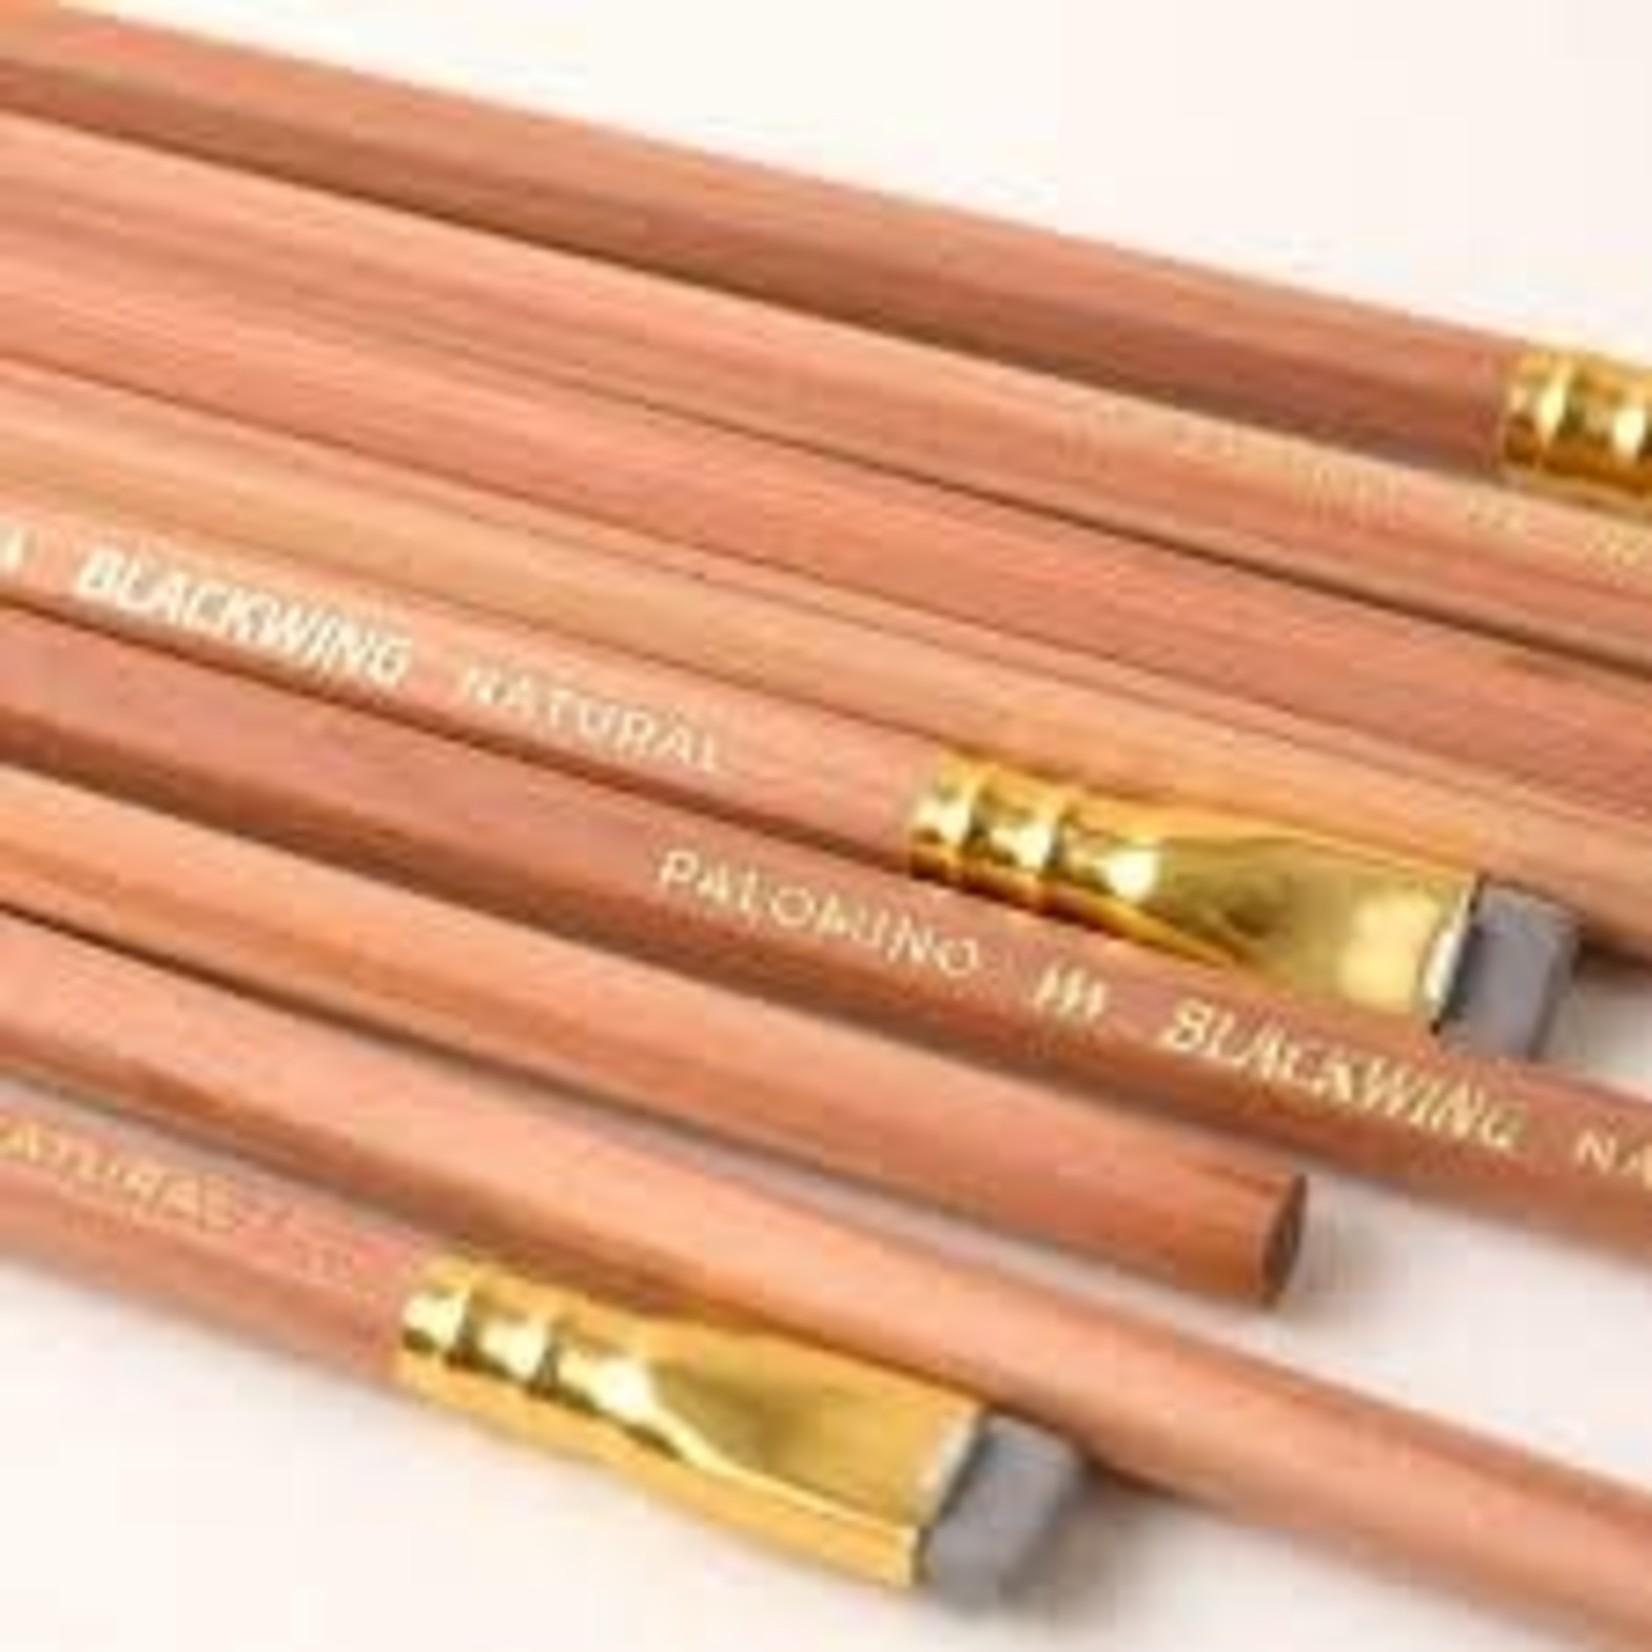 Palomino Blackwing Natural Pencils